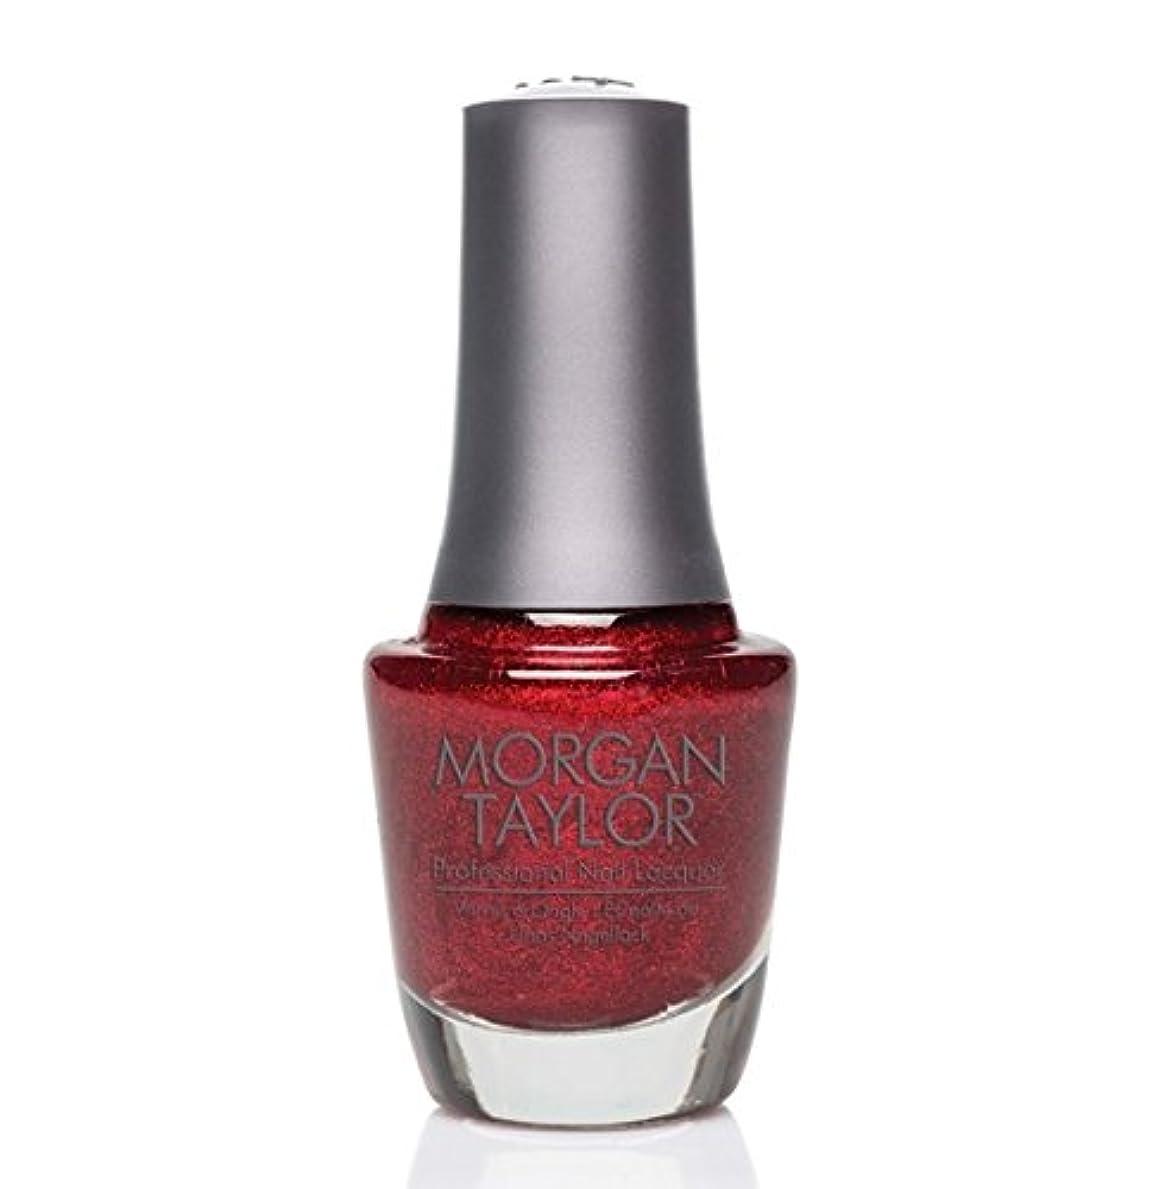 海洋シンジケート知人Morgan Taylor Nail Lacquer - Fit For A Queen - 15 ml/0.5 oz